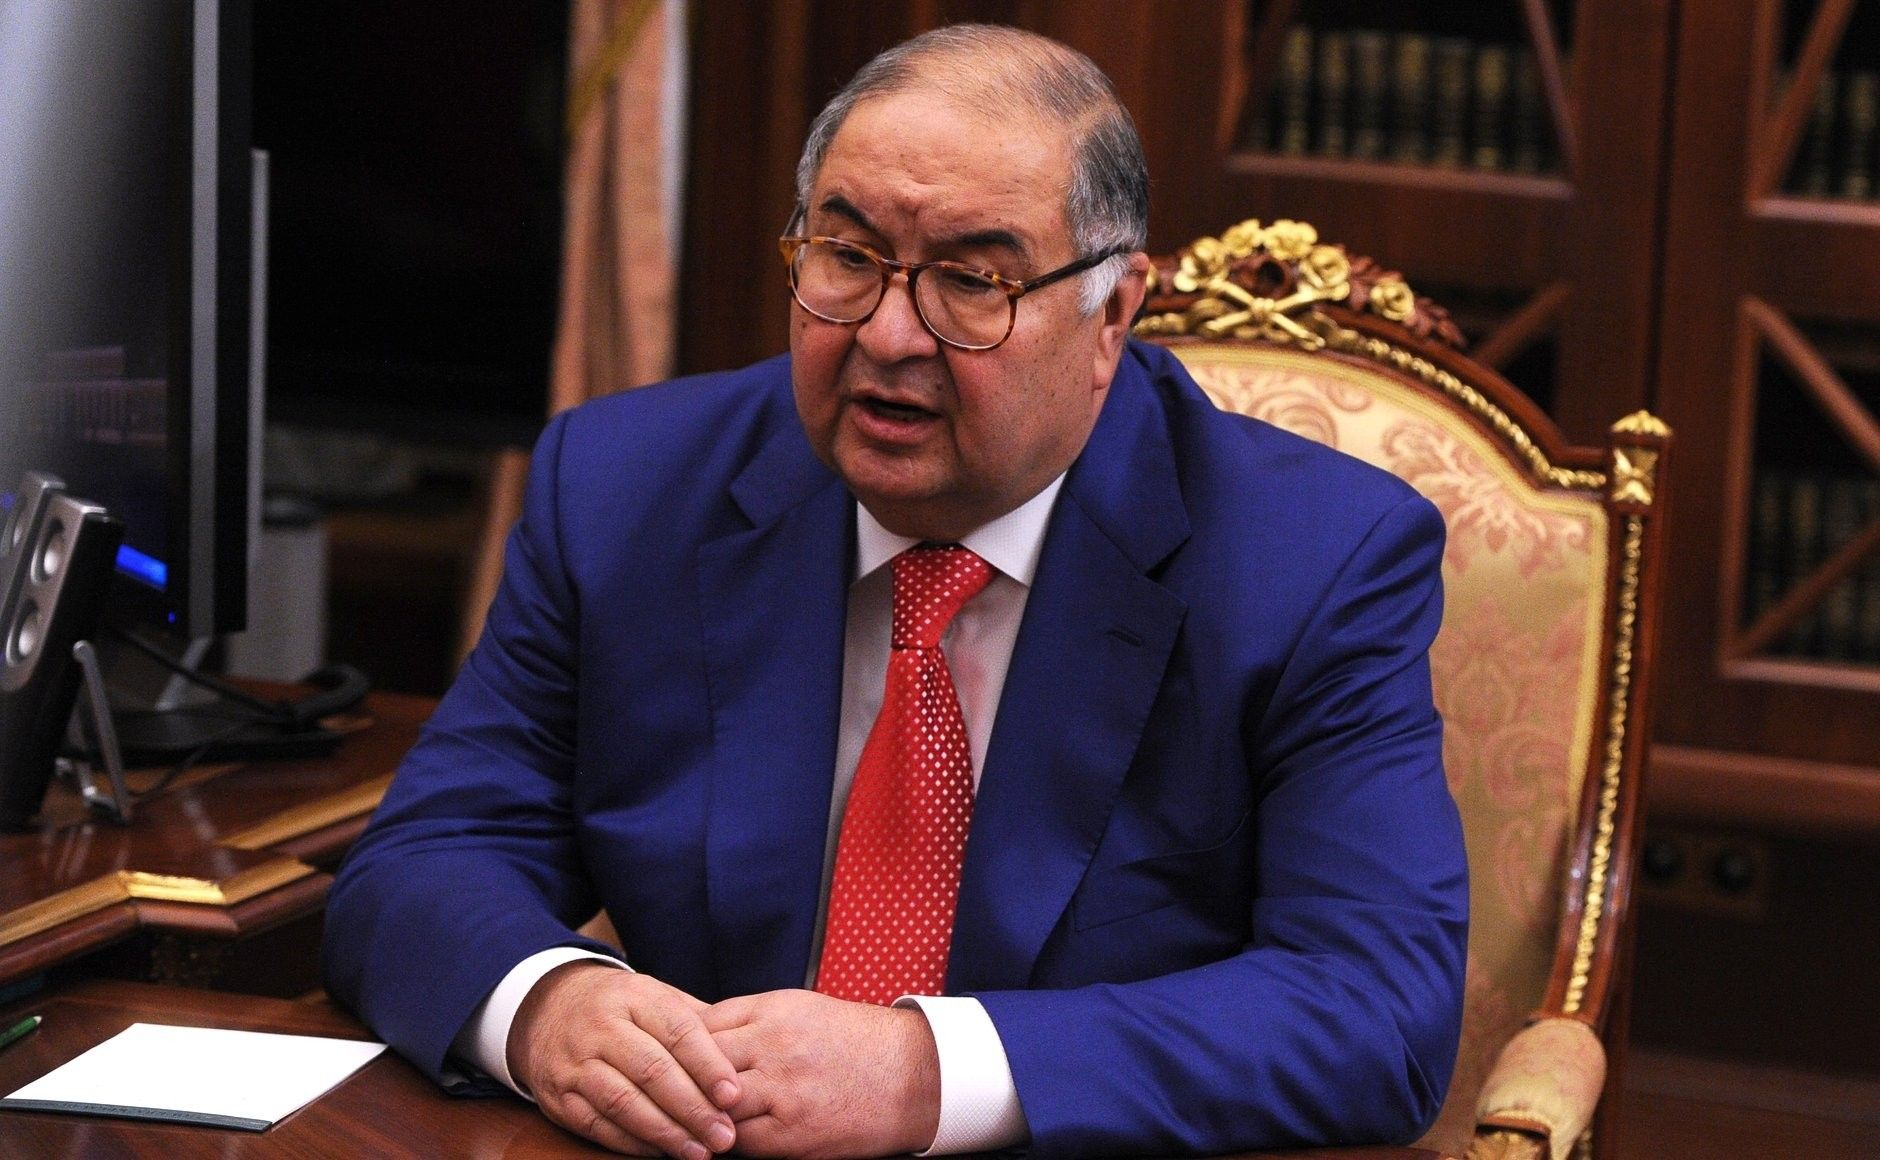 Летом 2008 года структуры Усманова заинтересовались покупкой Яндекса — потенциальная сделка была согласована с Кремлем.